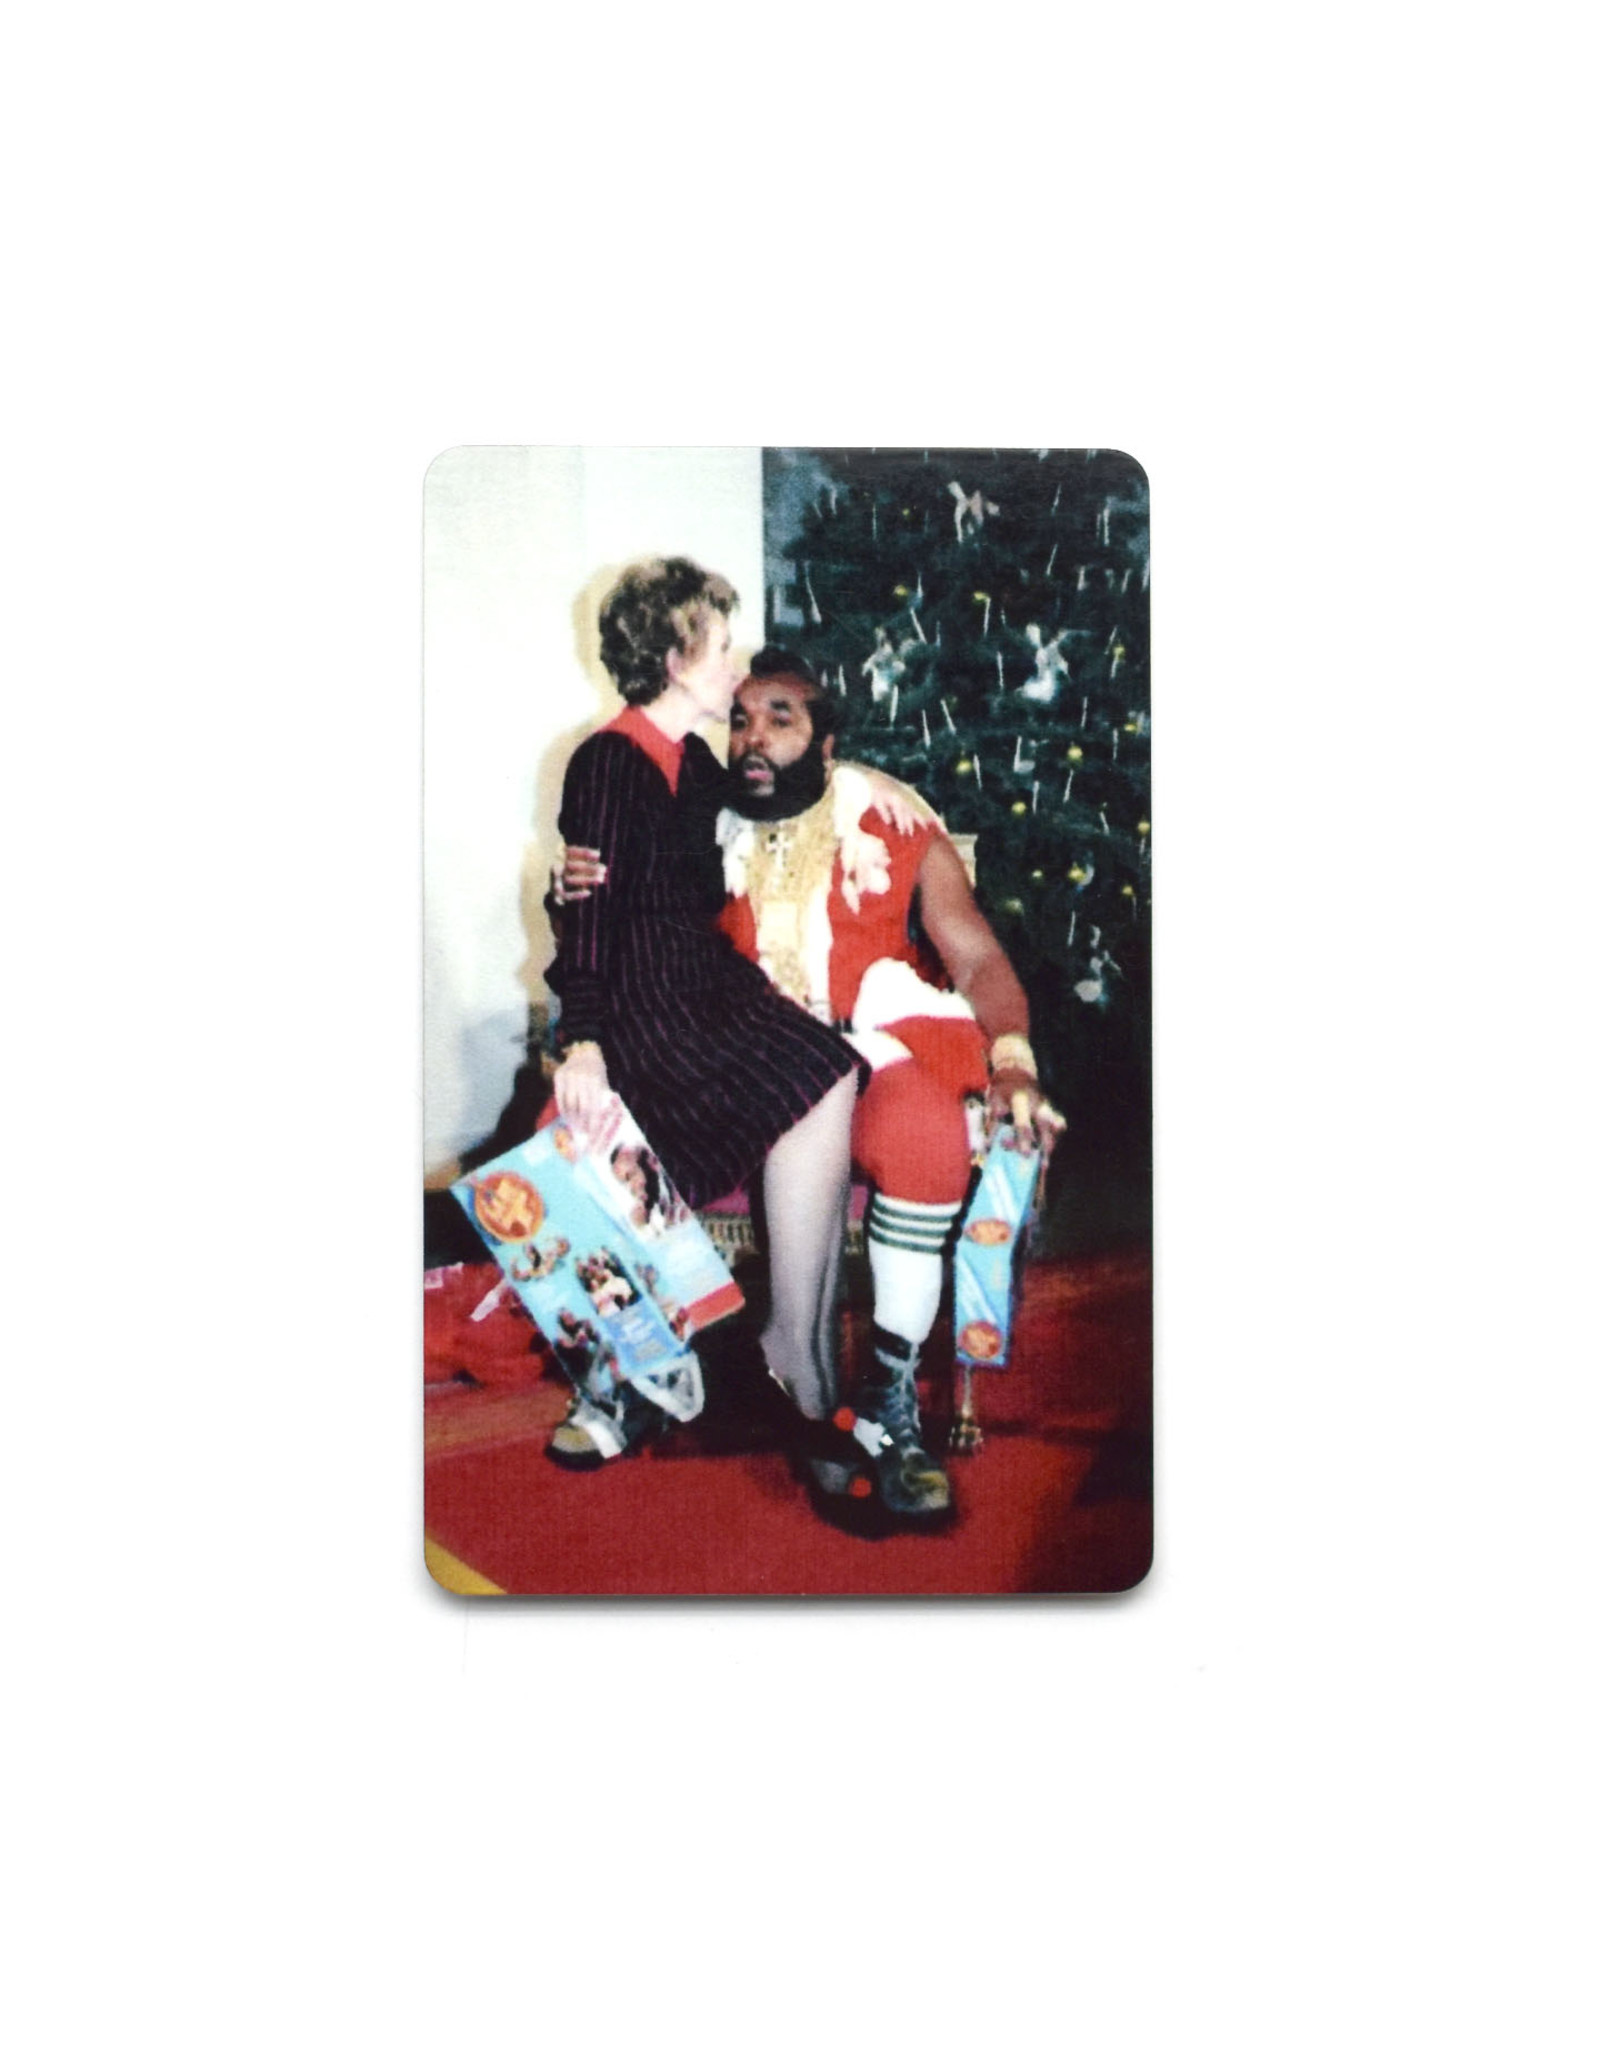 Mr. T Christmas Magnet